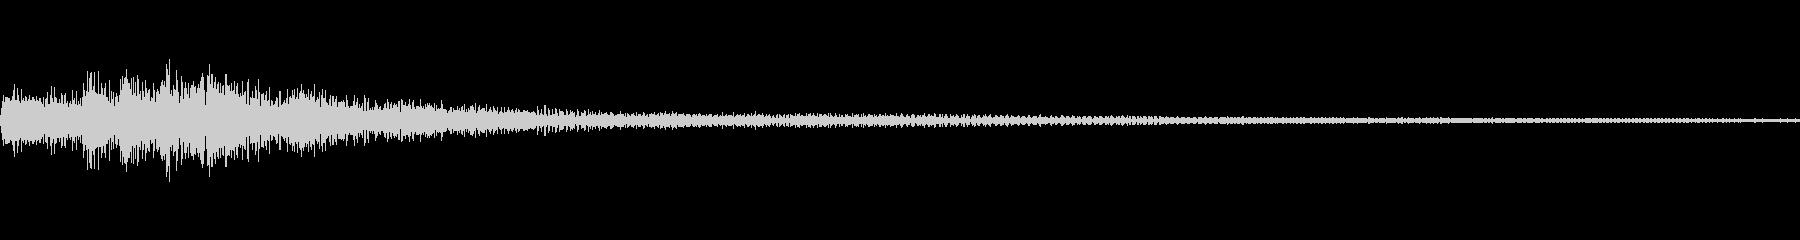 和風 ちゃららららー琴系音のジングルの未再生の波形